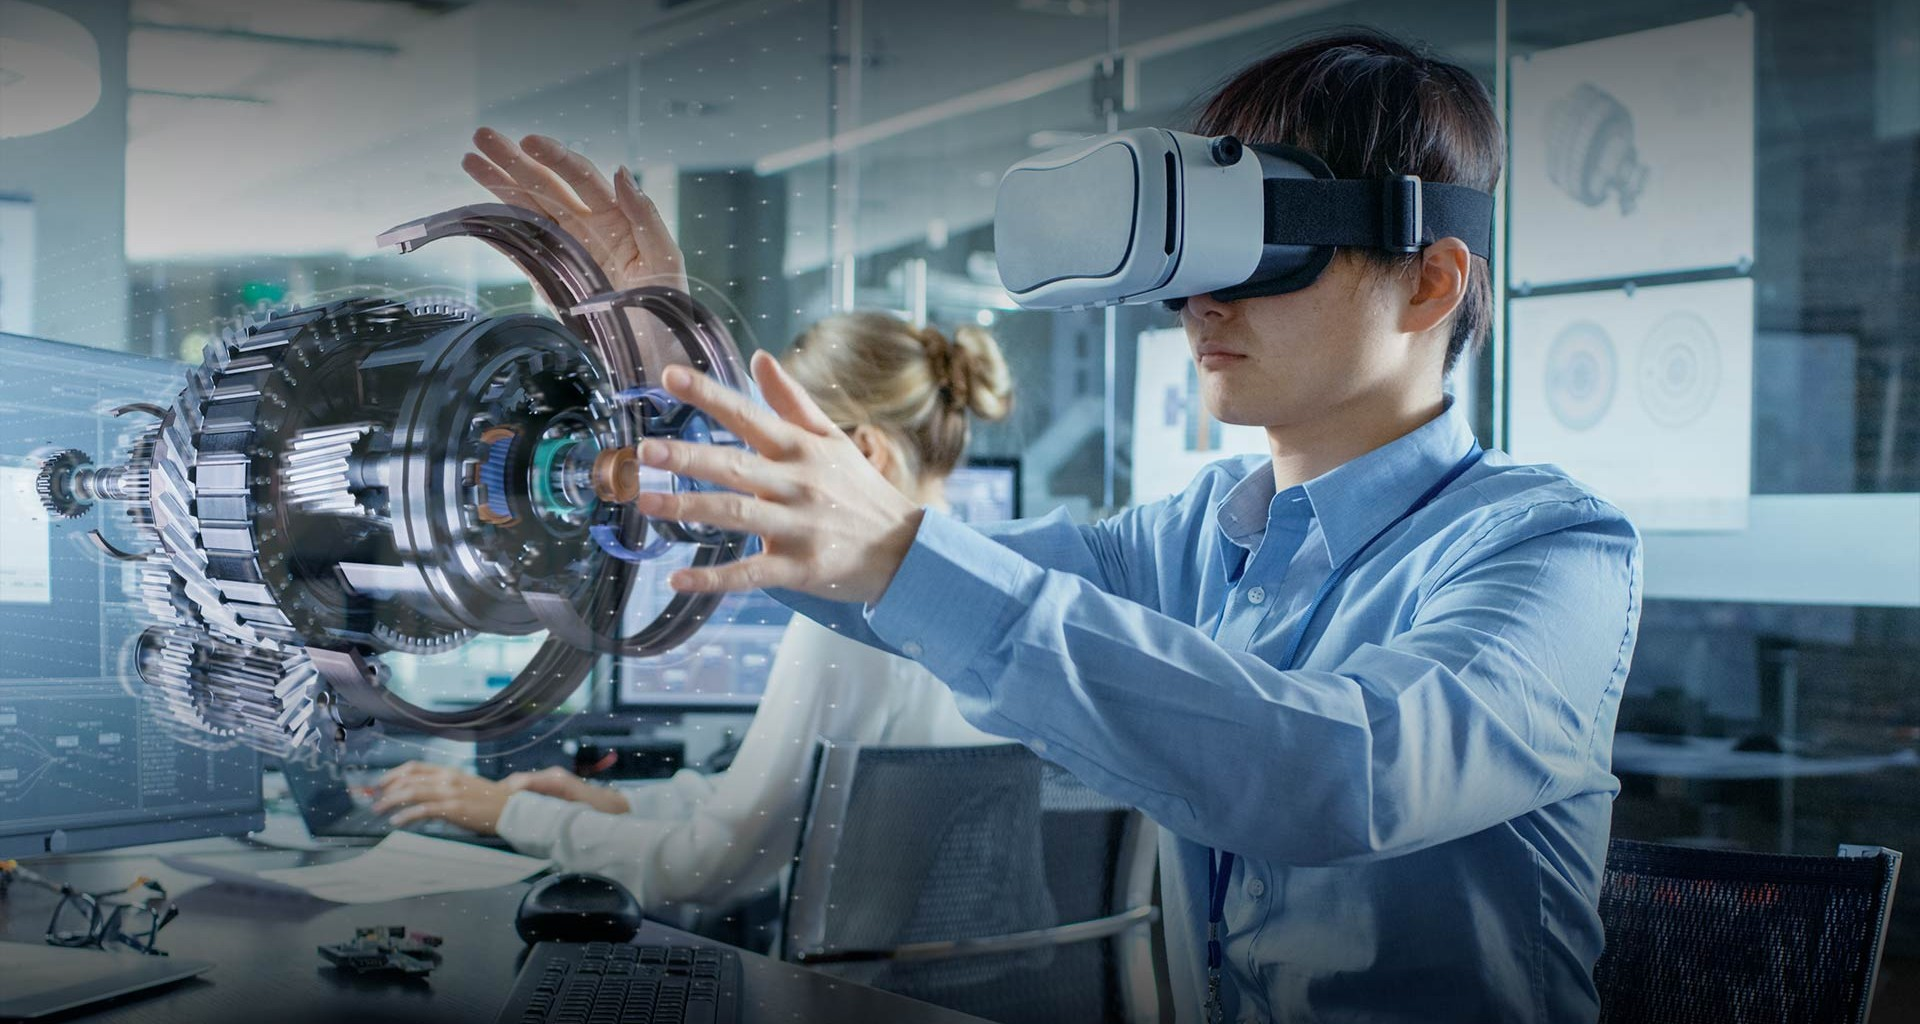 Realidad virtual: una apuesta de innovación dentro del aula | Tecnológico  de Monterrey